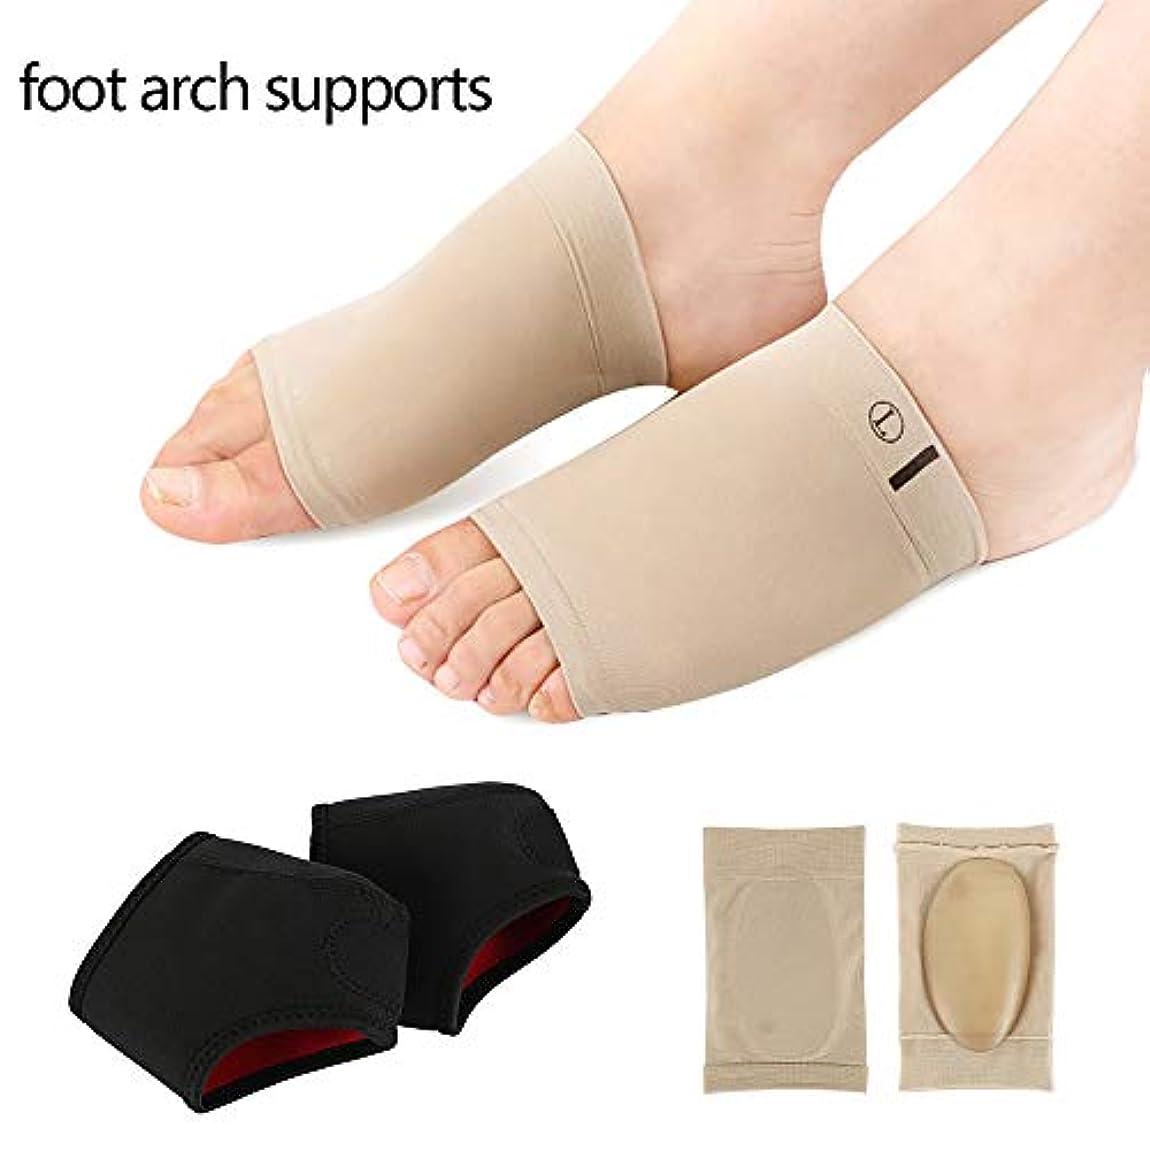 カール甲虫知覚的Powanfity 足首ブレース 足底筋膜炎 足の痛み解消 サイズ調整可能 アーチサポーター シリコン素材 足の痛み防止 足裏 フリーサイズ 男女兼用